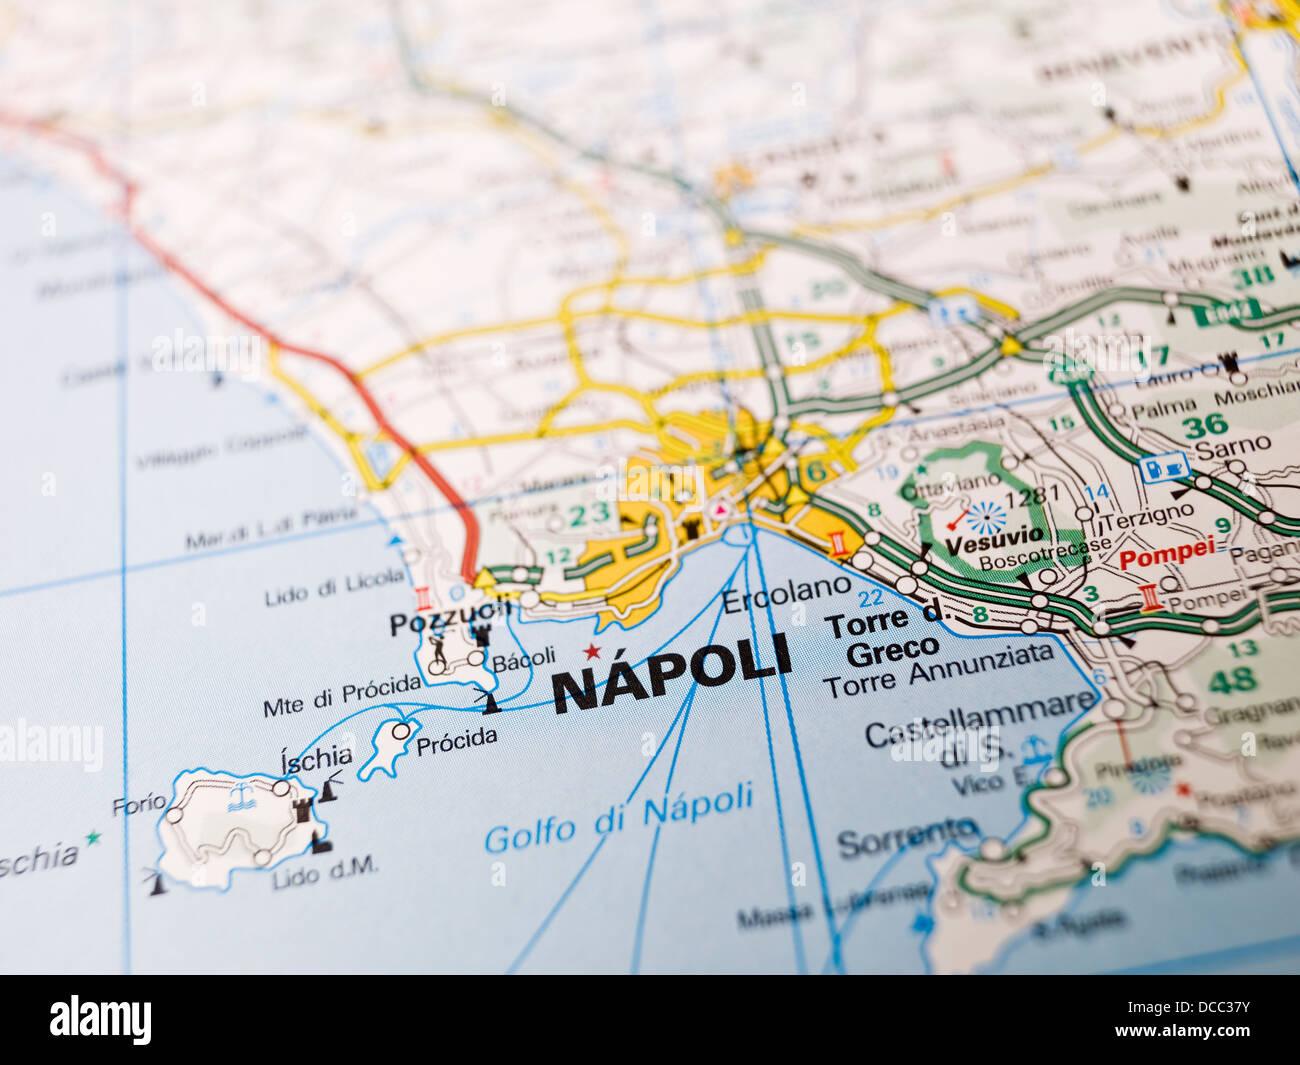 La Cartina Di Napoli.Mappa Di Napoli Foto Stock Alamy